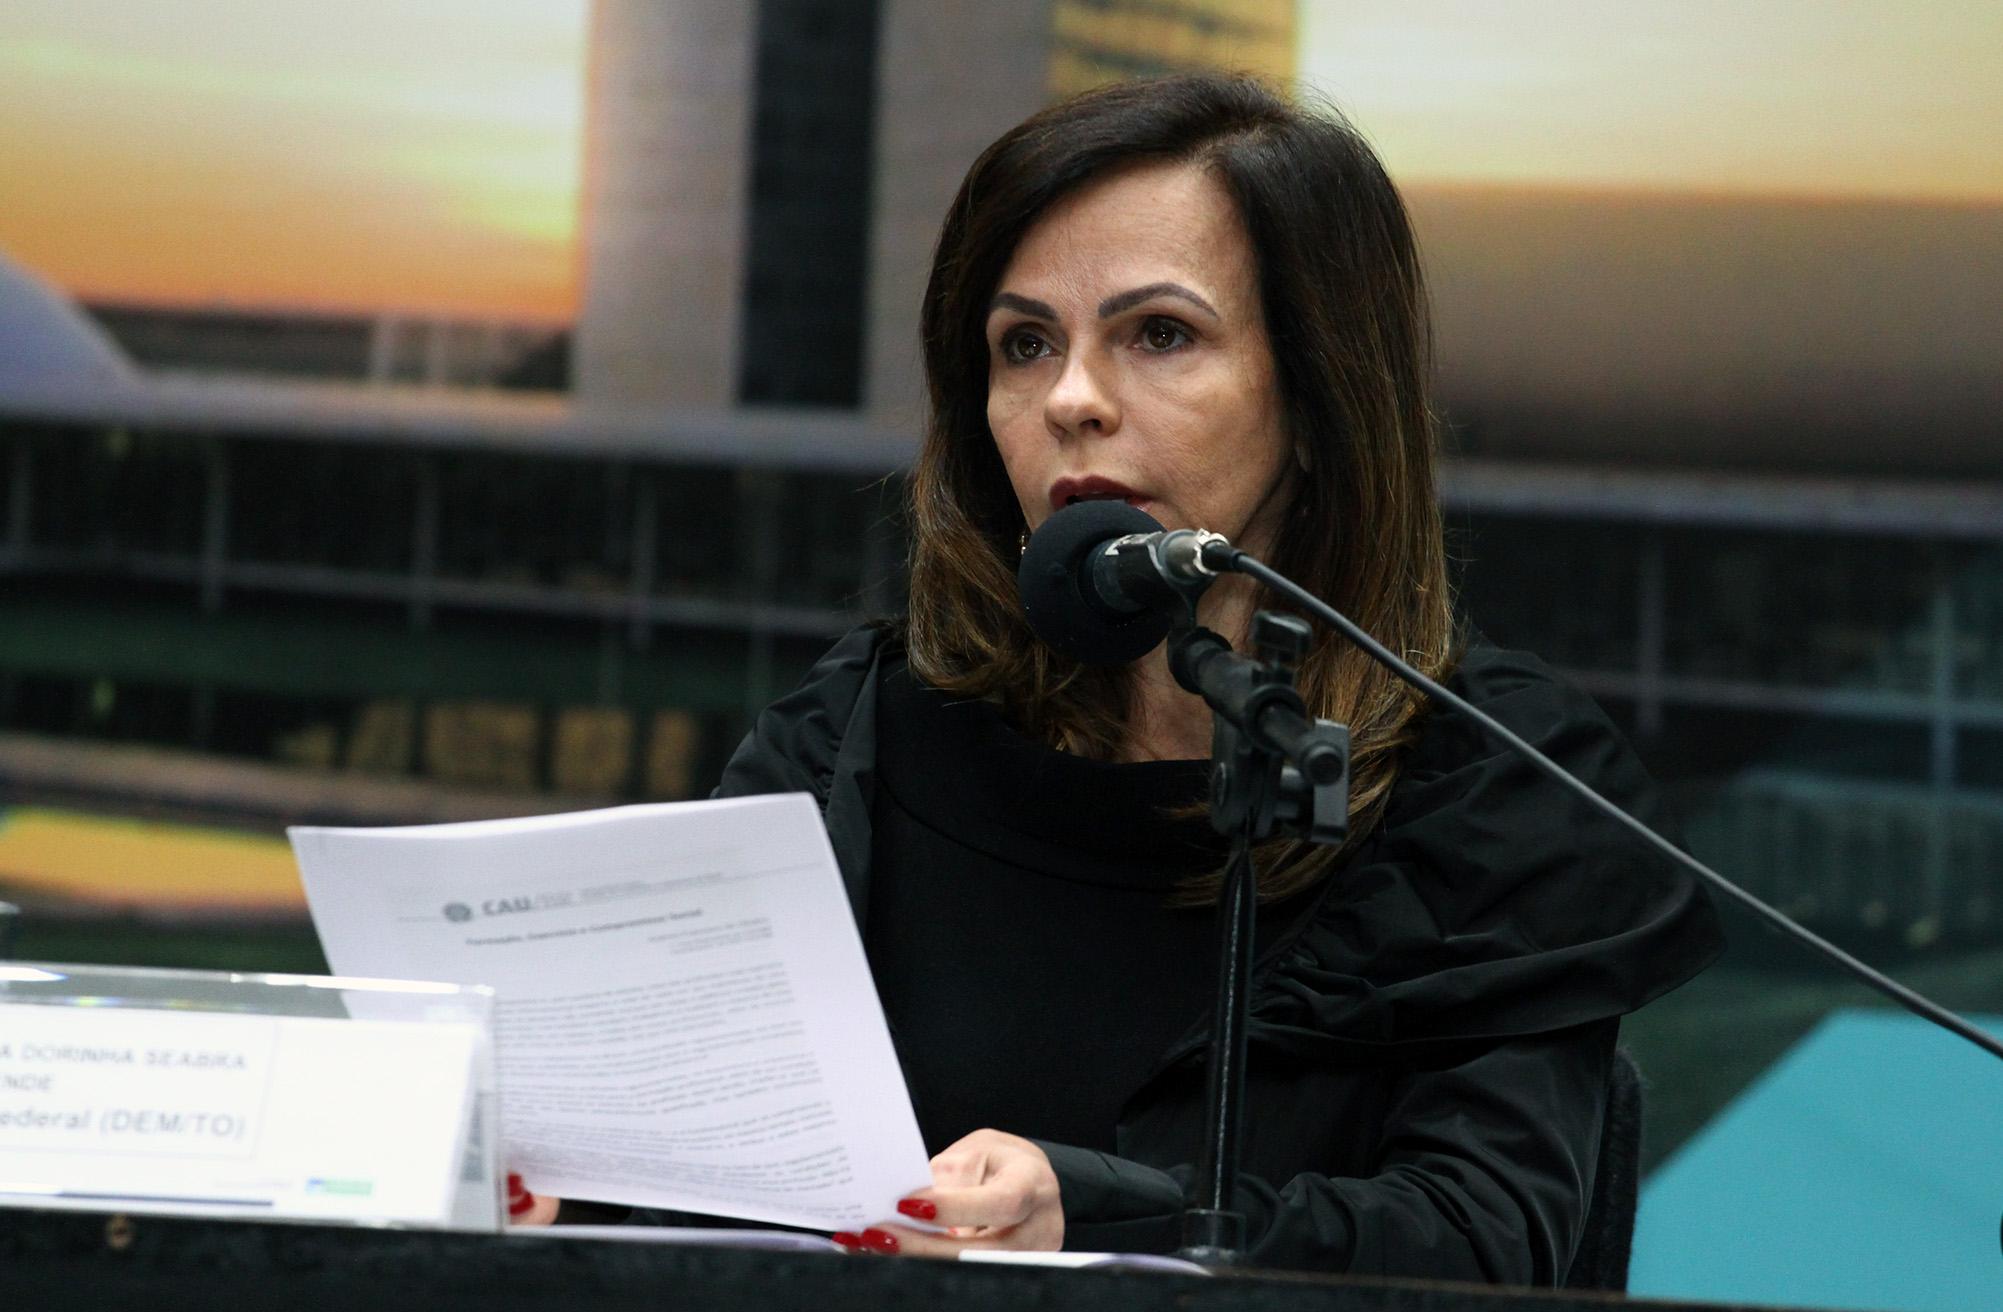 VI Seminário Legislativo de Arquitetura e Urbanismo. Dep. Professora Dorinha Seabra Resende (DEM - TO)